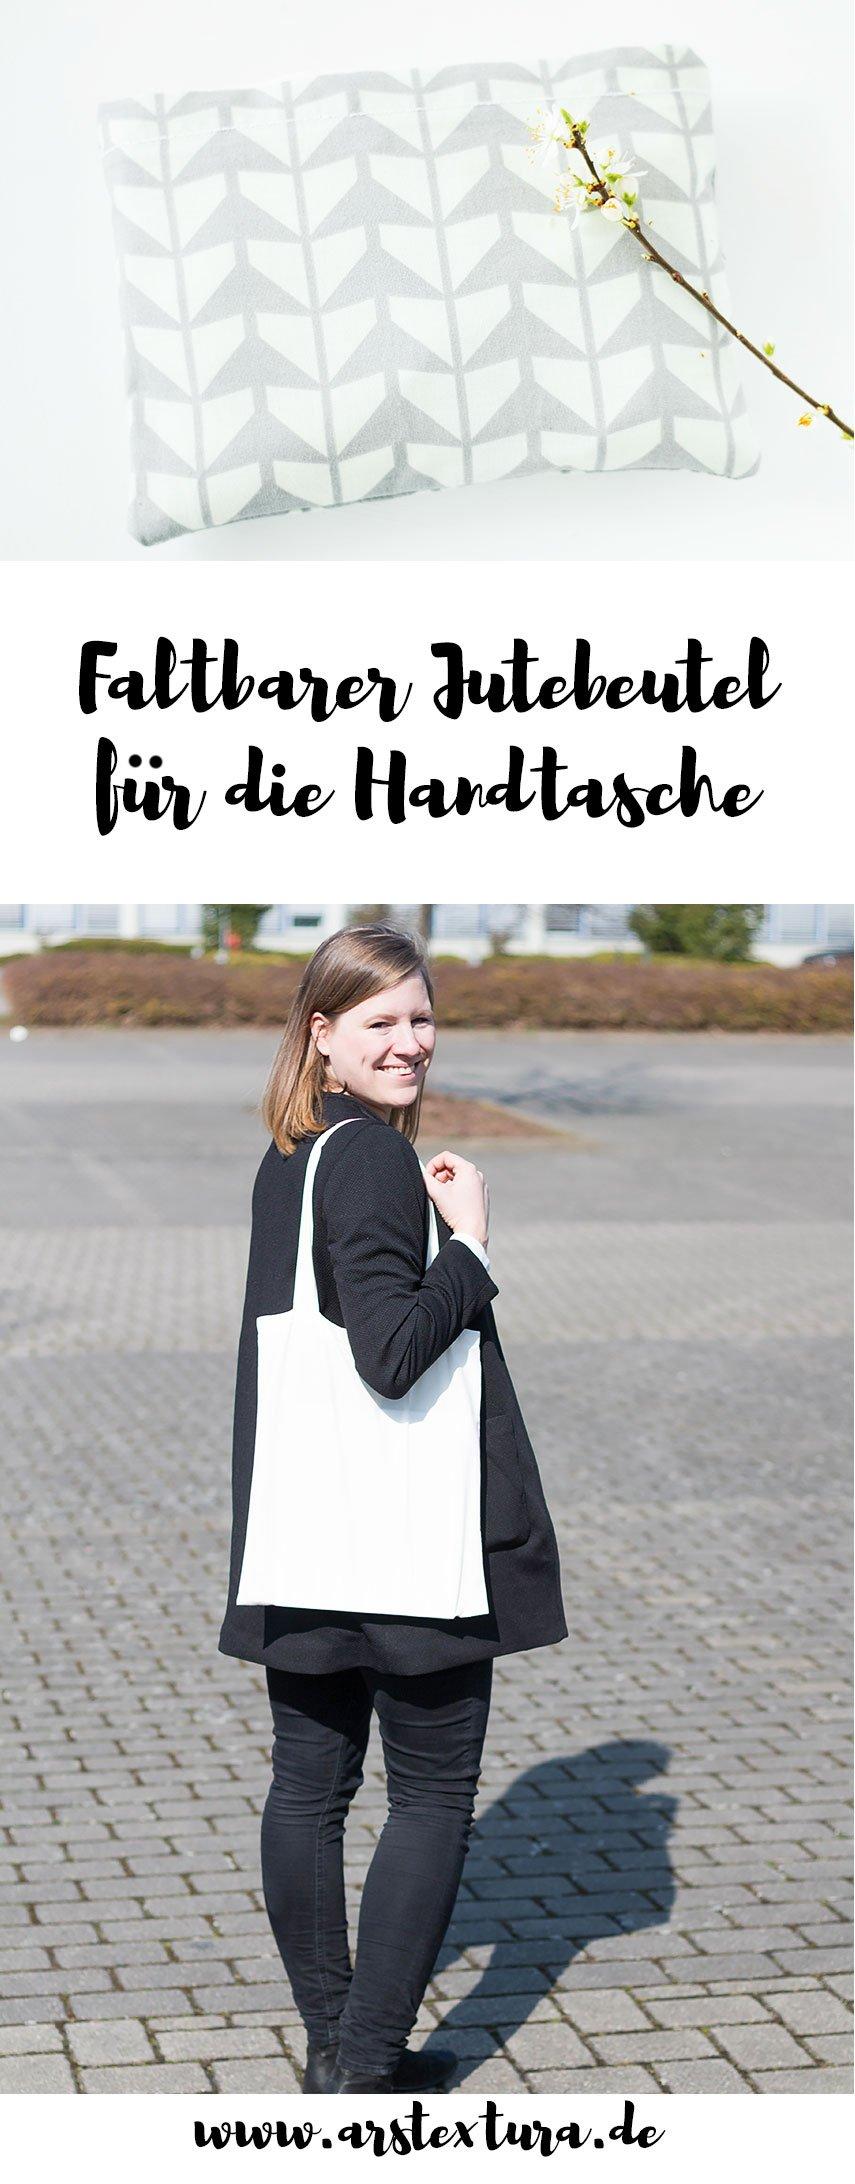 Faltbare Einkaufstasche für die Handtasche nähen - ein tolles DIY Geschenk